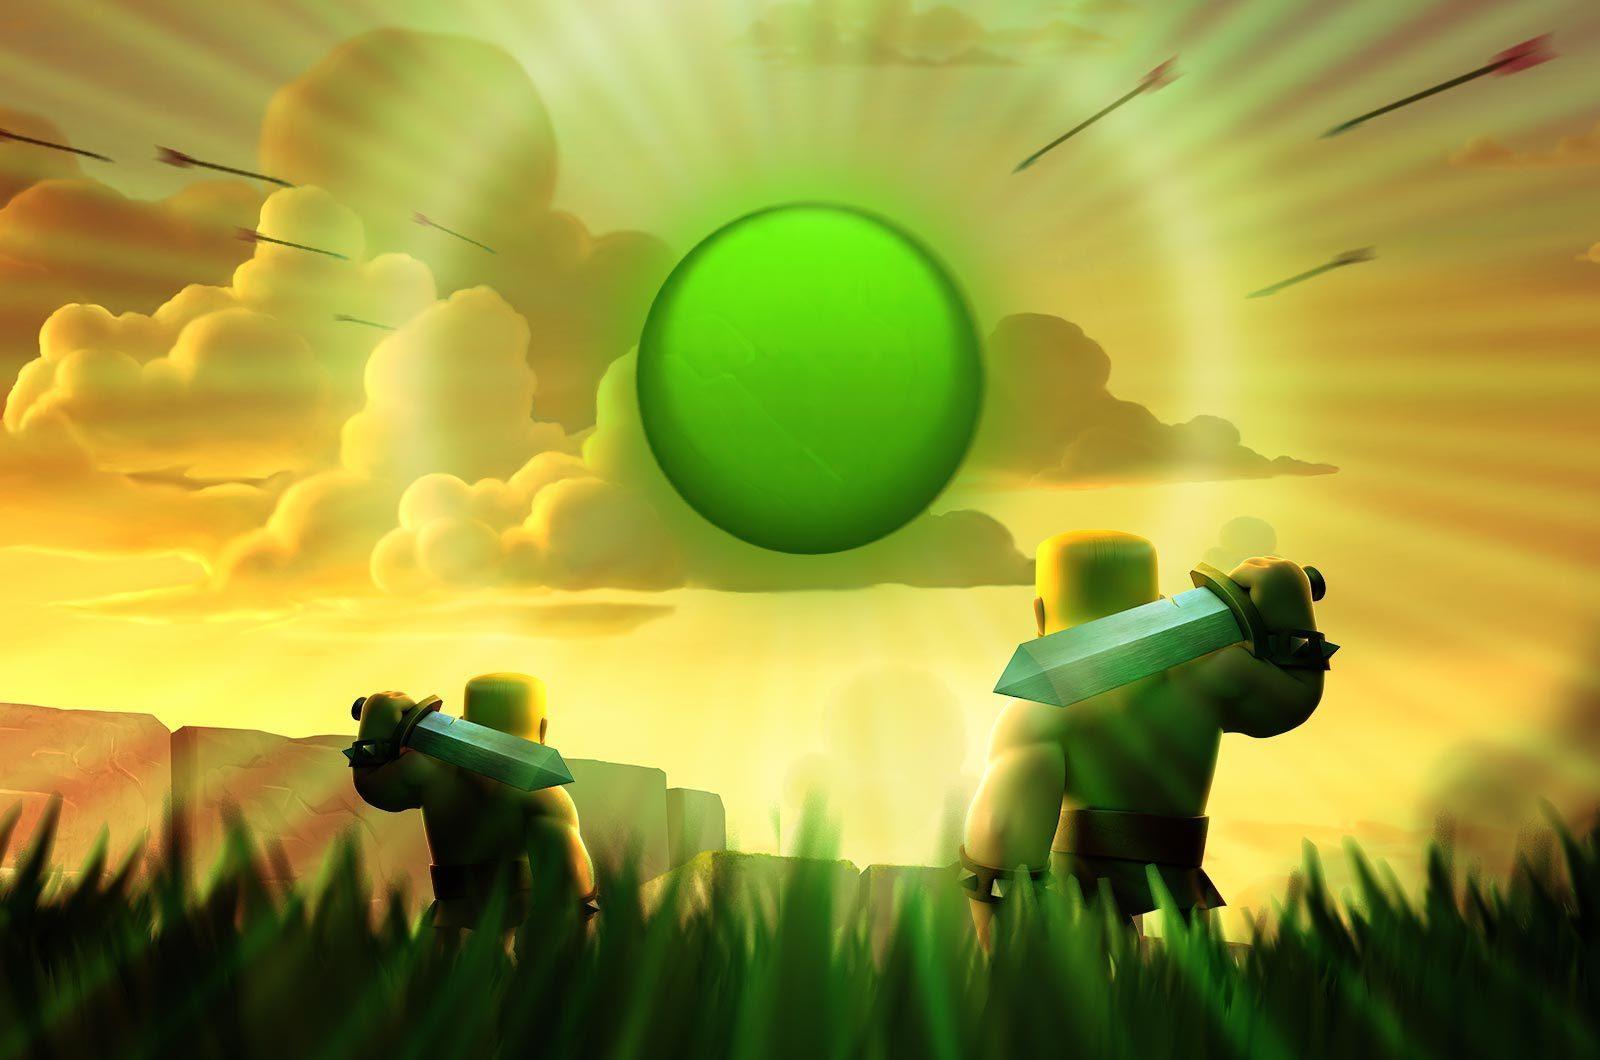 Criar Layout Online Jogadores Online Clash Of Clans Clash Of Clans Dicas